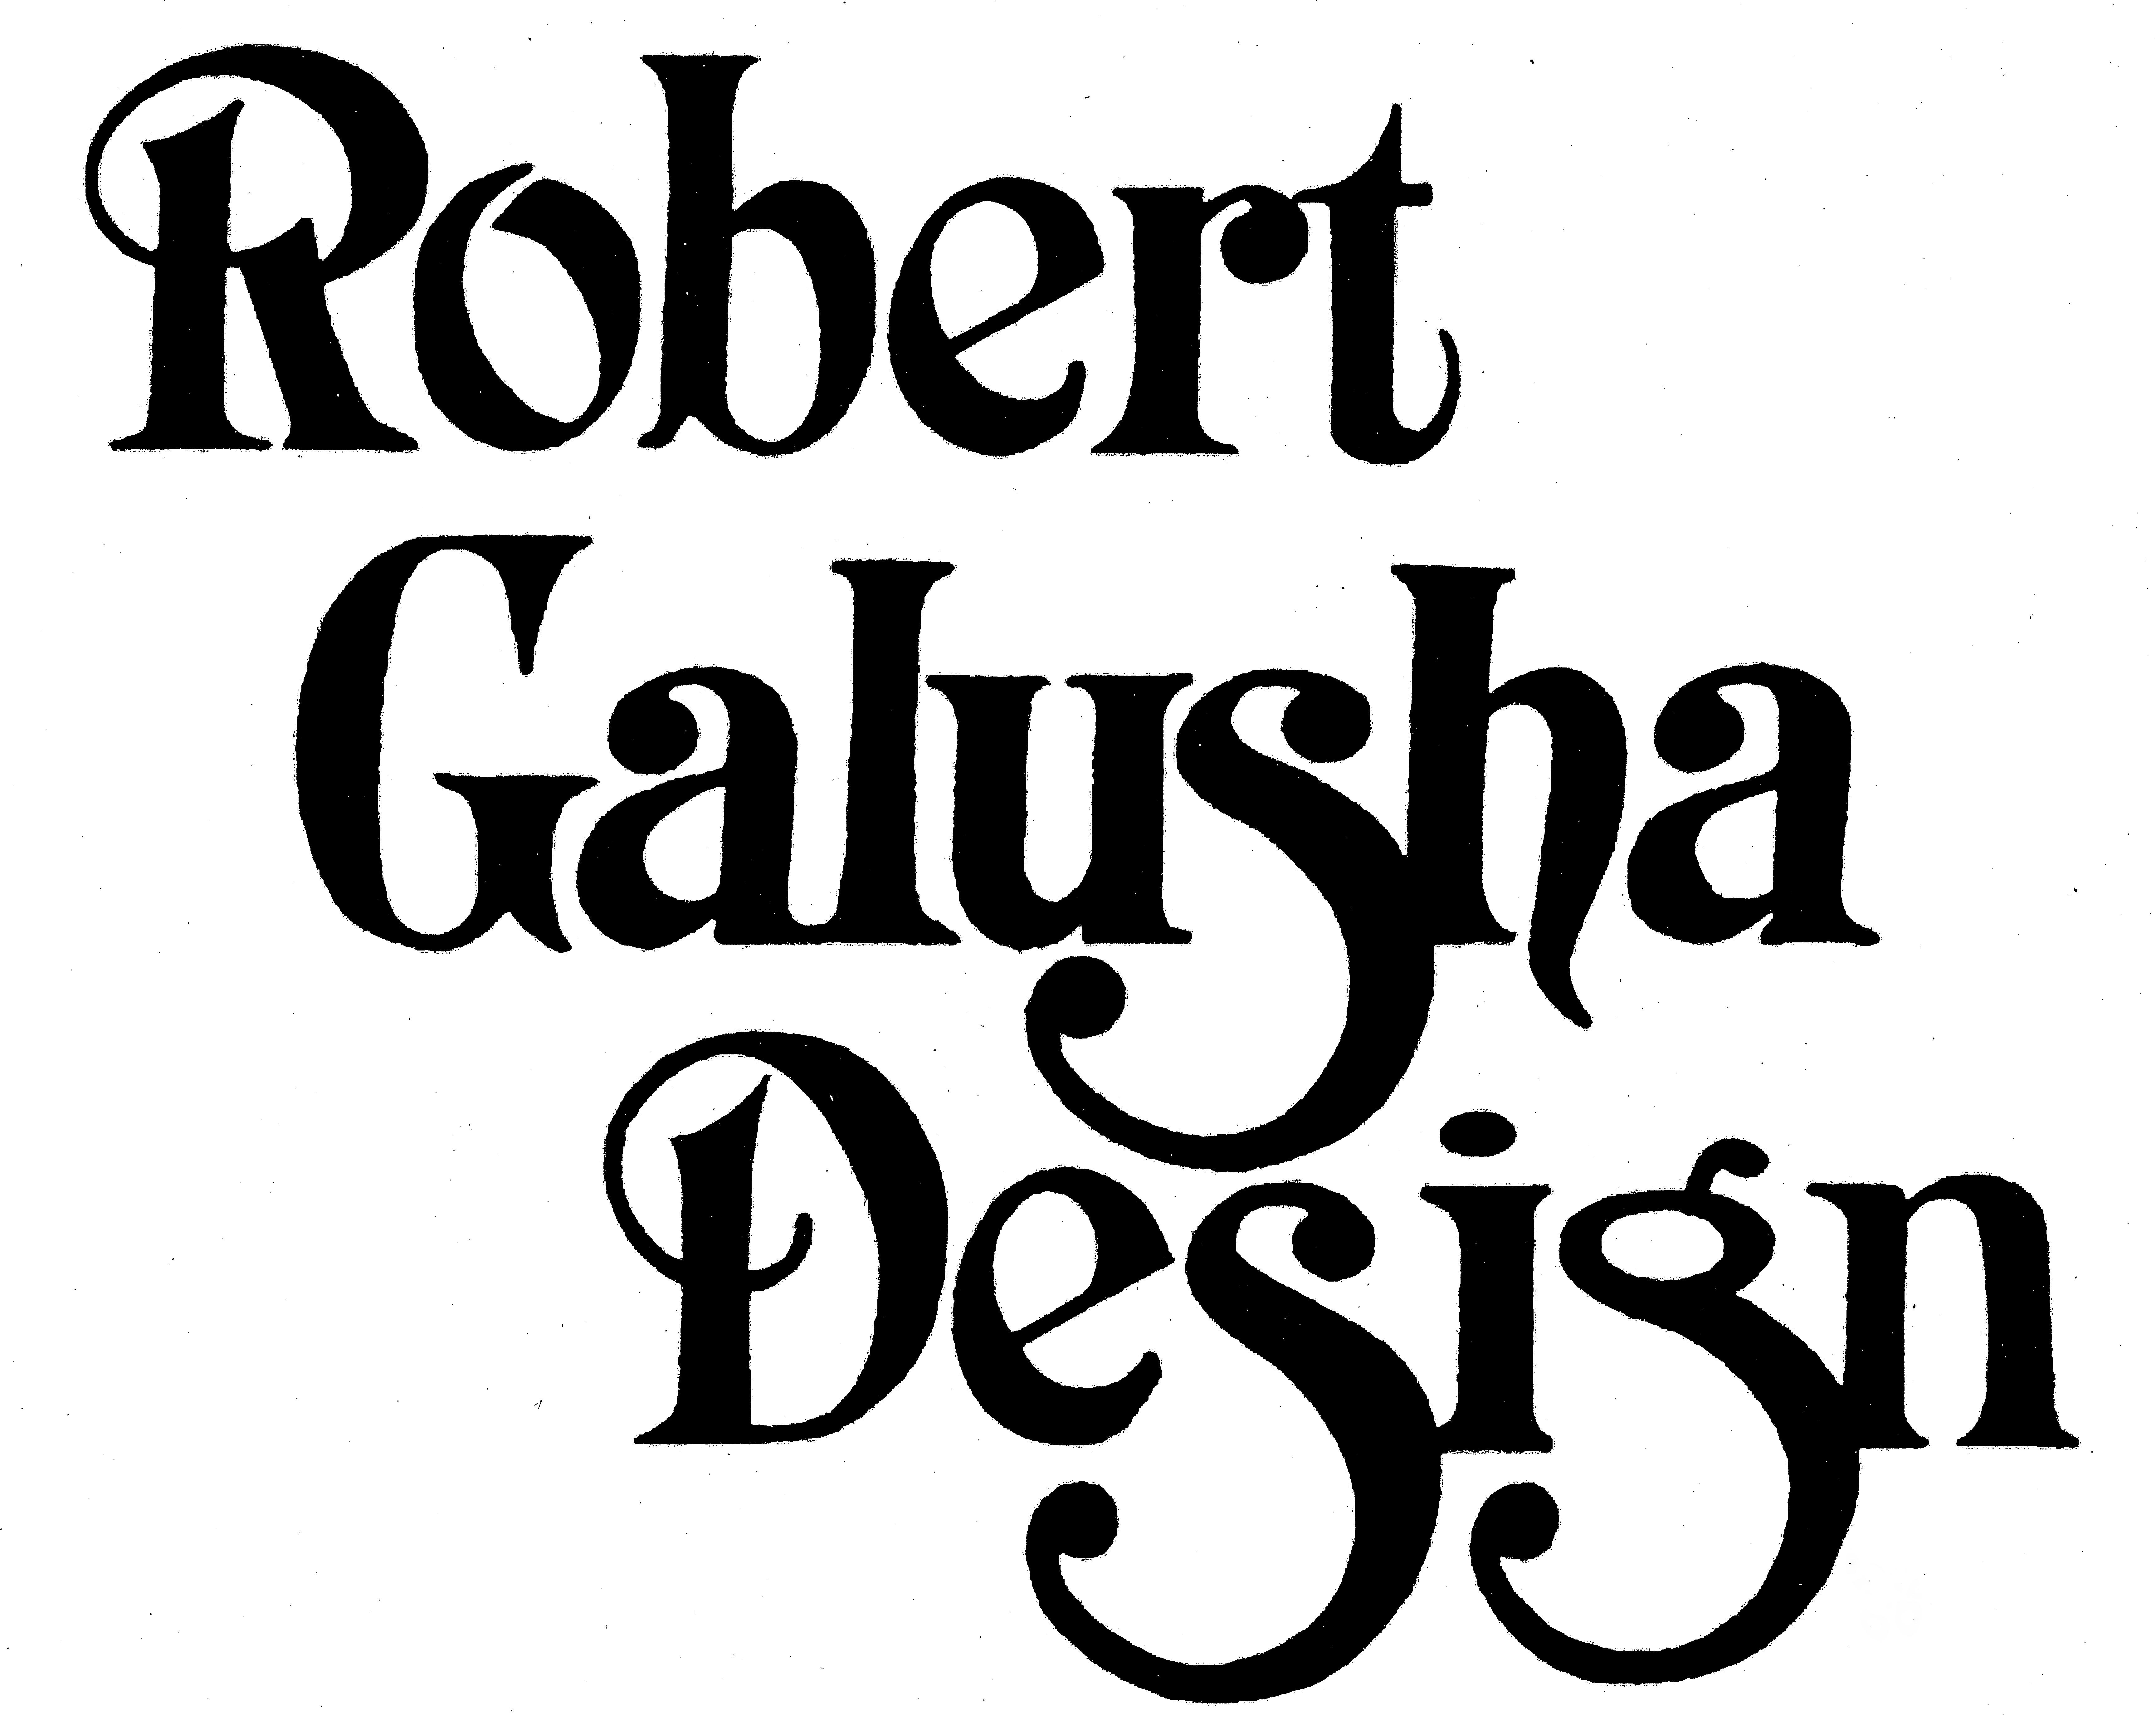 Robert Galusha Design